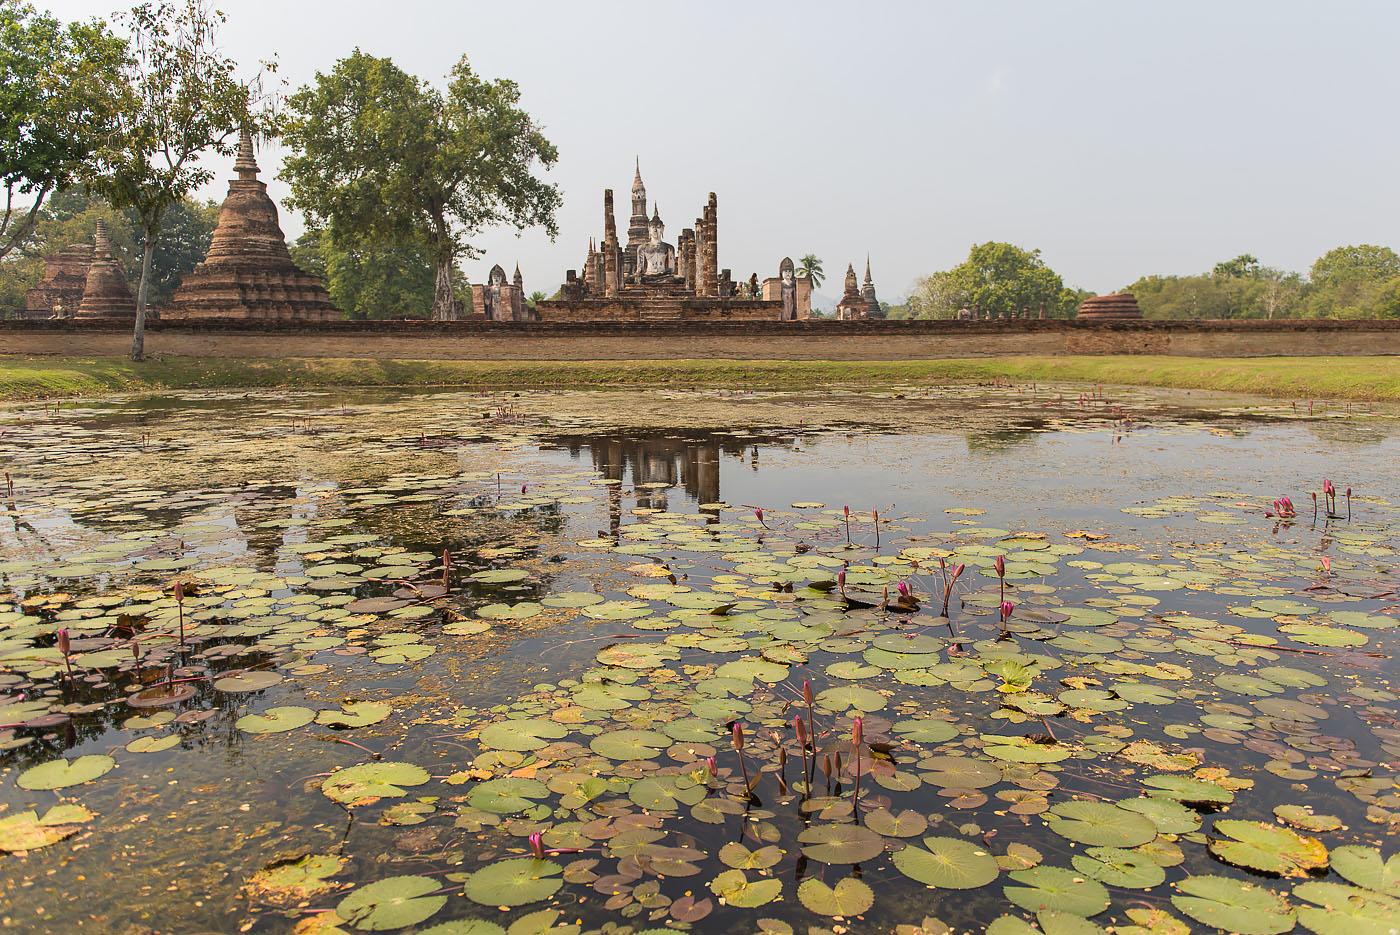 Фото 1. Красоты исторического парка Сукхотай в Таиланде. Отчет о самостоятельной экскурсии